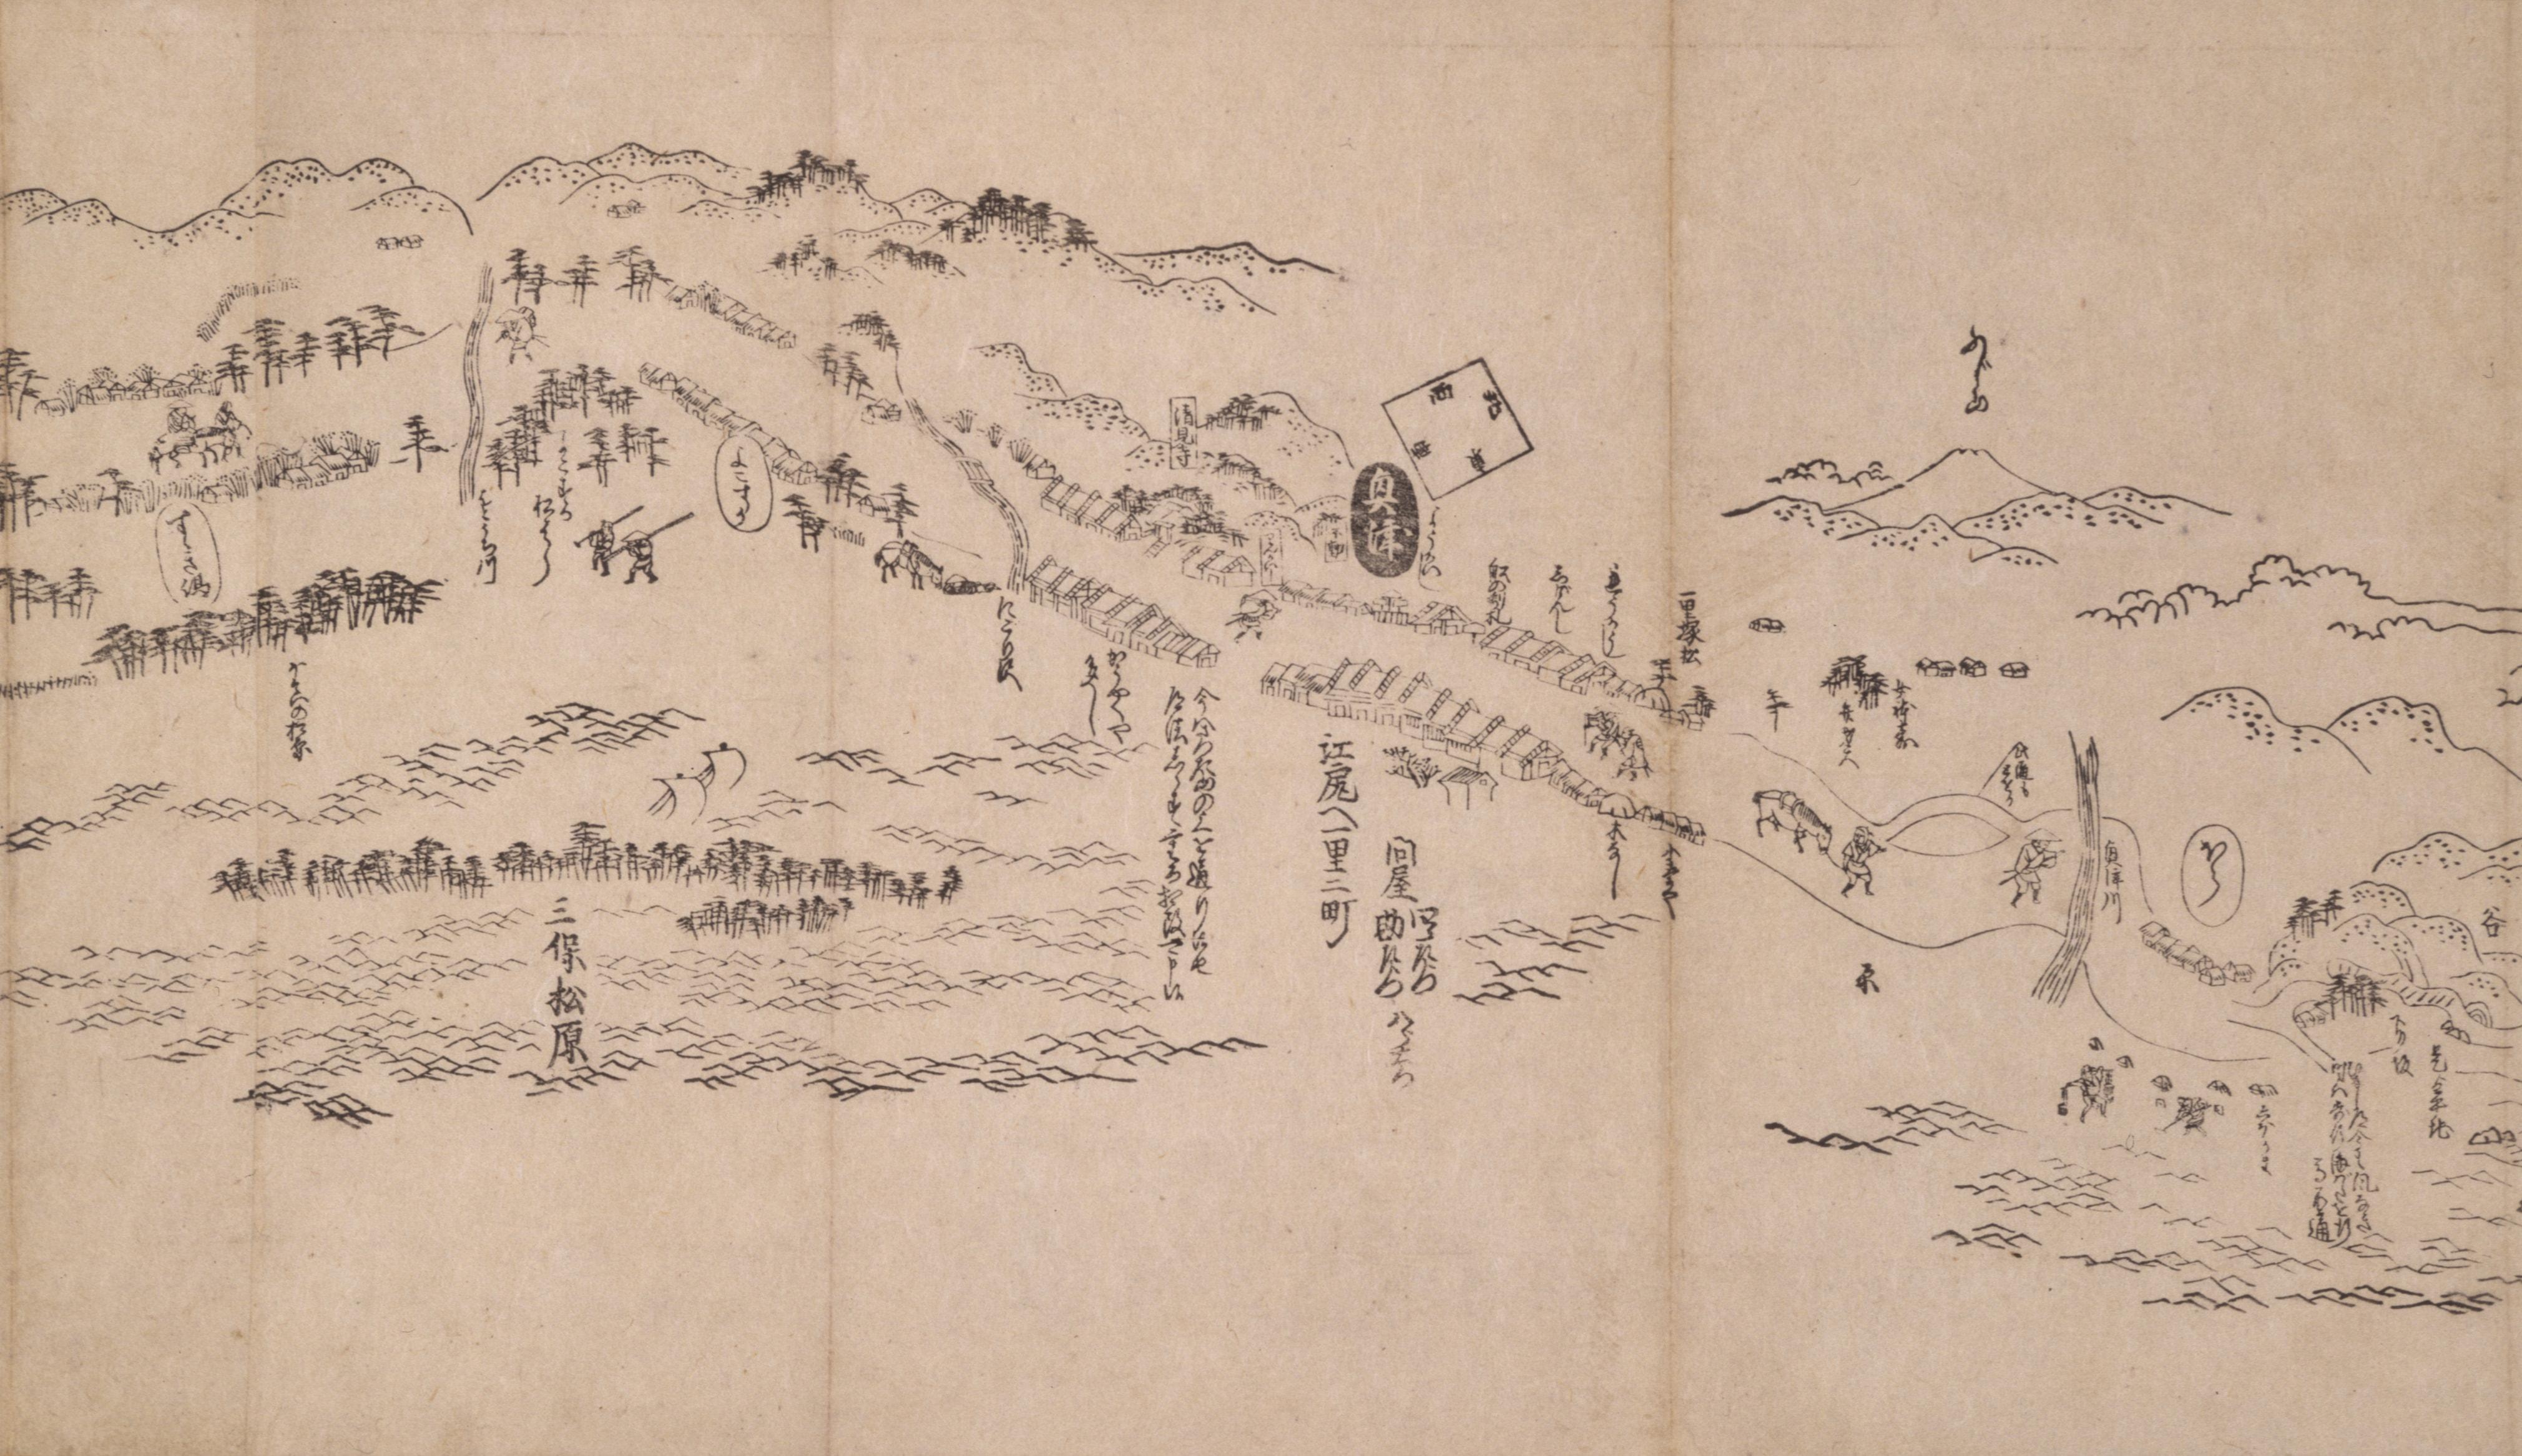 東海道分間之図 二十七